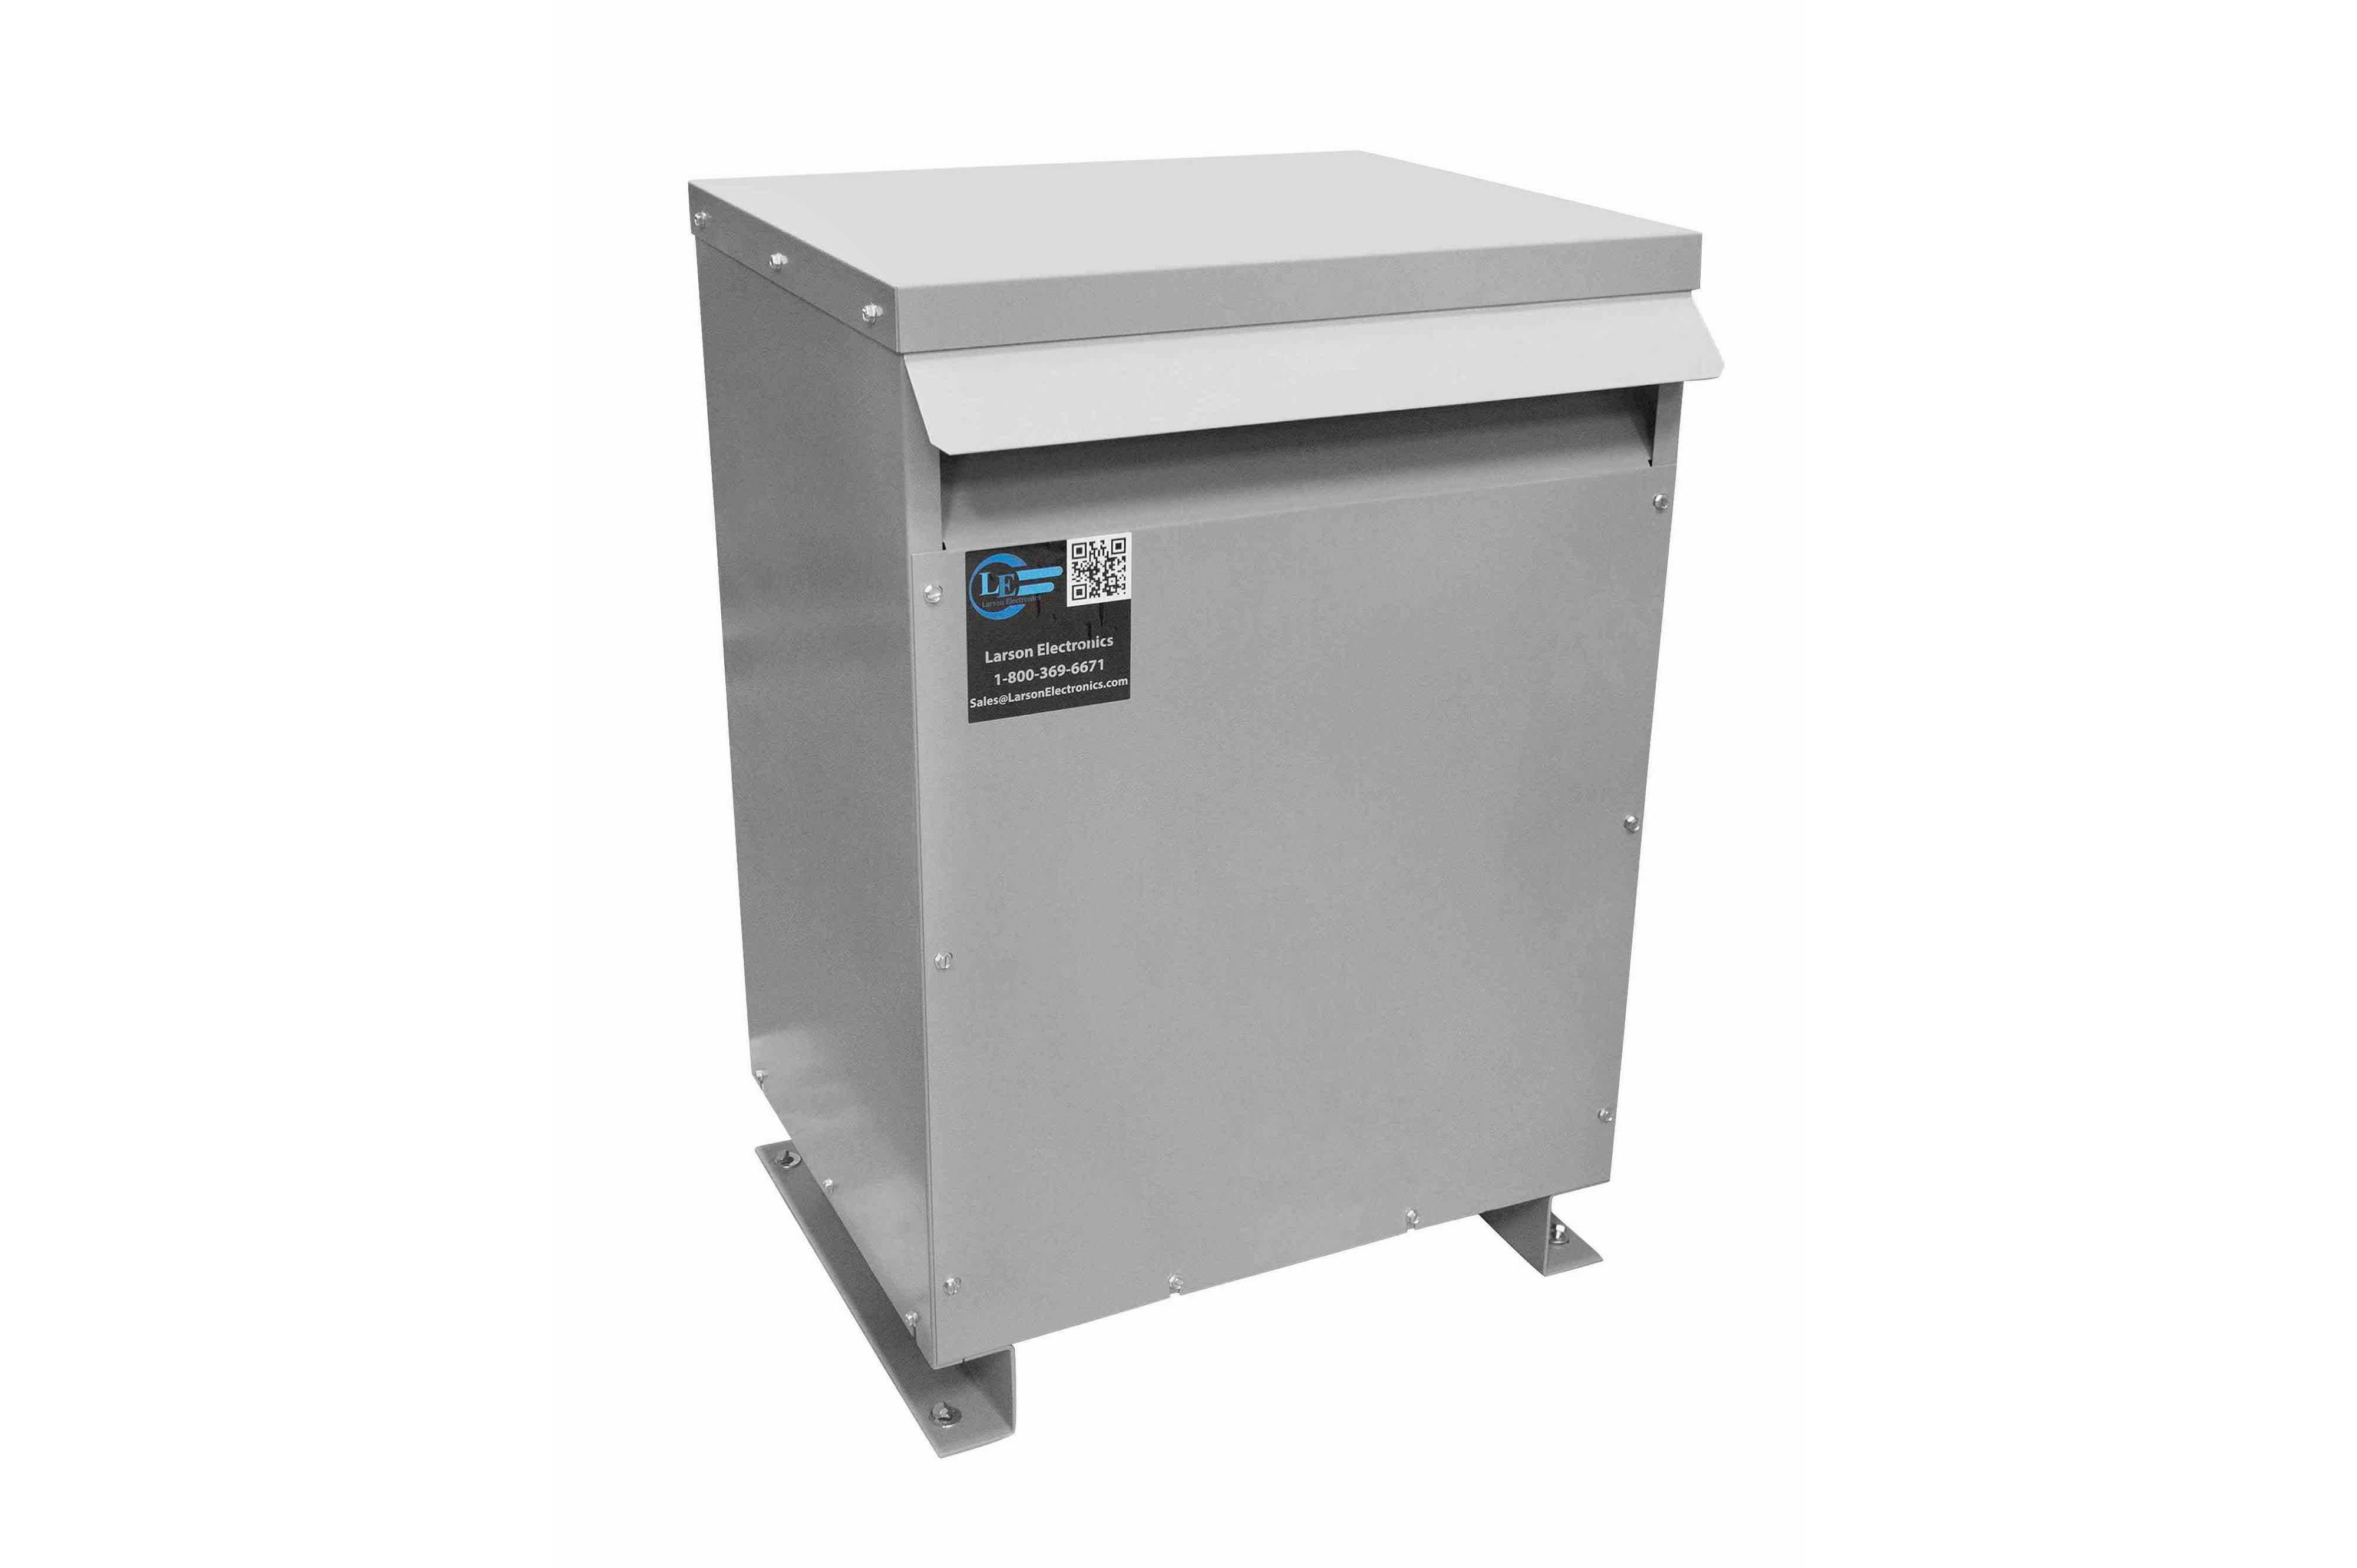 25 kVA 3PH Isolation Transformer, 575V Delta Primary, 400V Delta Secondary, N3R, Ventilated, 60 Hz